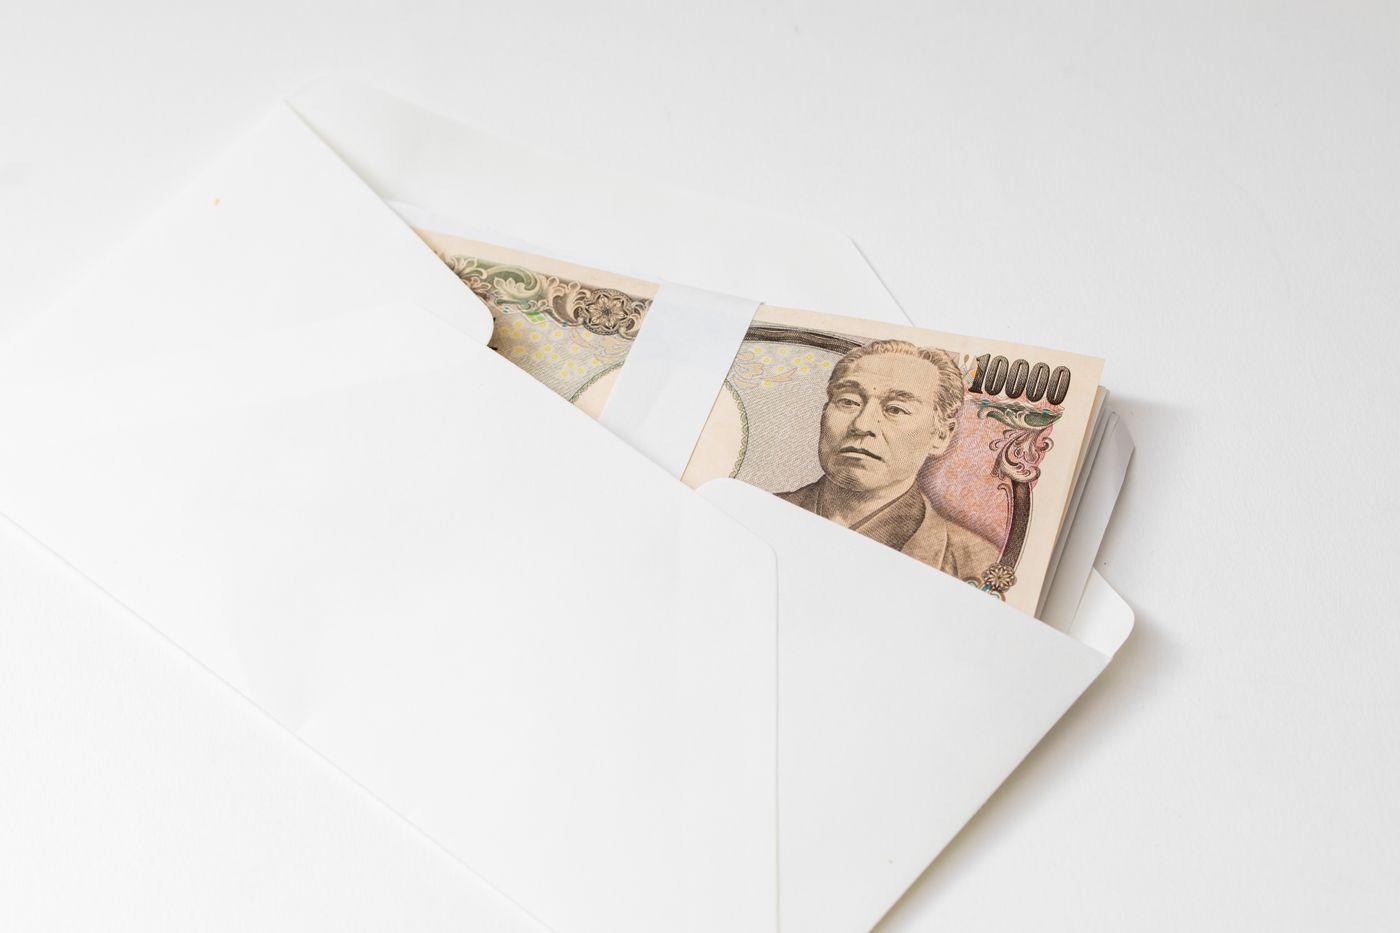 封筒に入った紙幣の写真